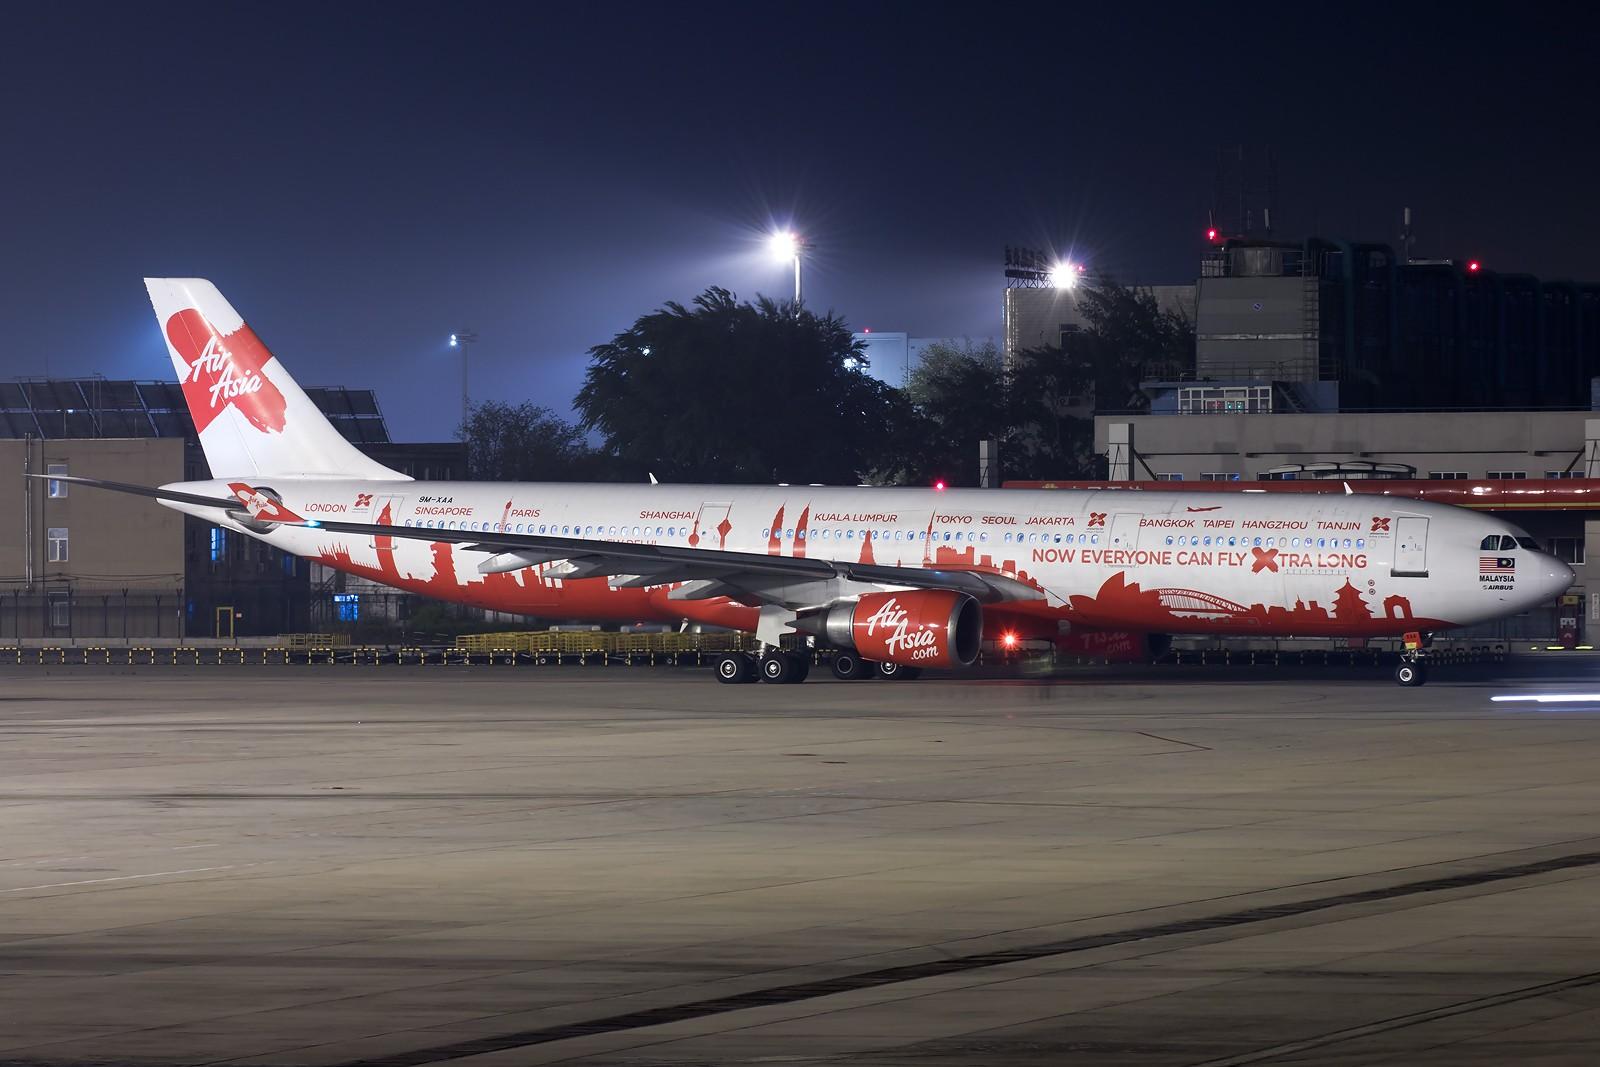 [原创][一图党] AirAsia X 9M-XAA A330-300 AIRBUS A330-300 9M-XAA 中国北京首都国际机场